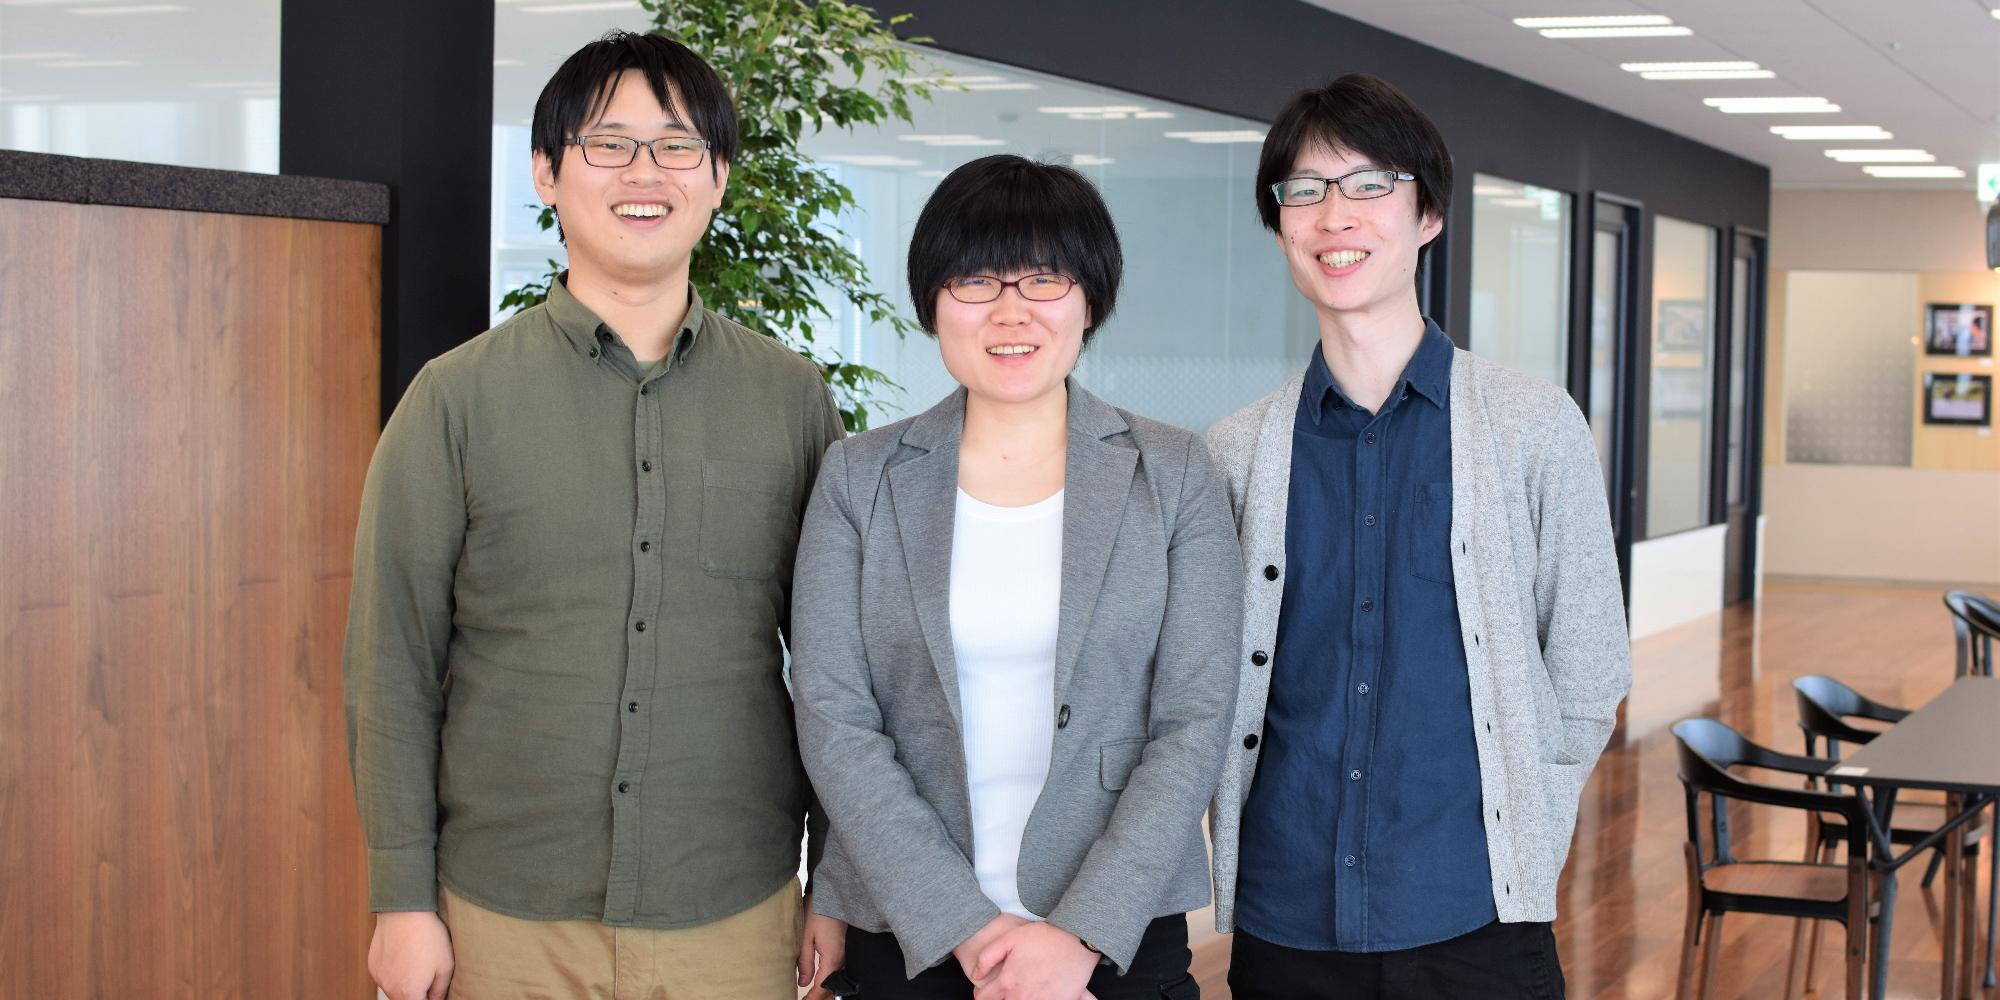 数学同好会のザンイイヤンと上岡雄太郎、三原千尋が並んで写っている画像